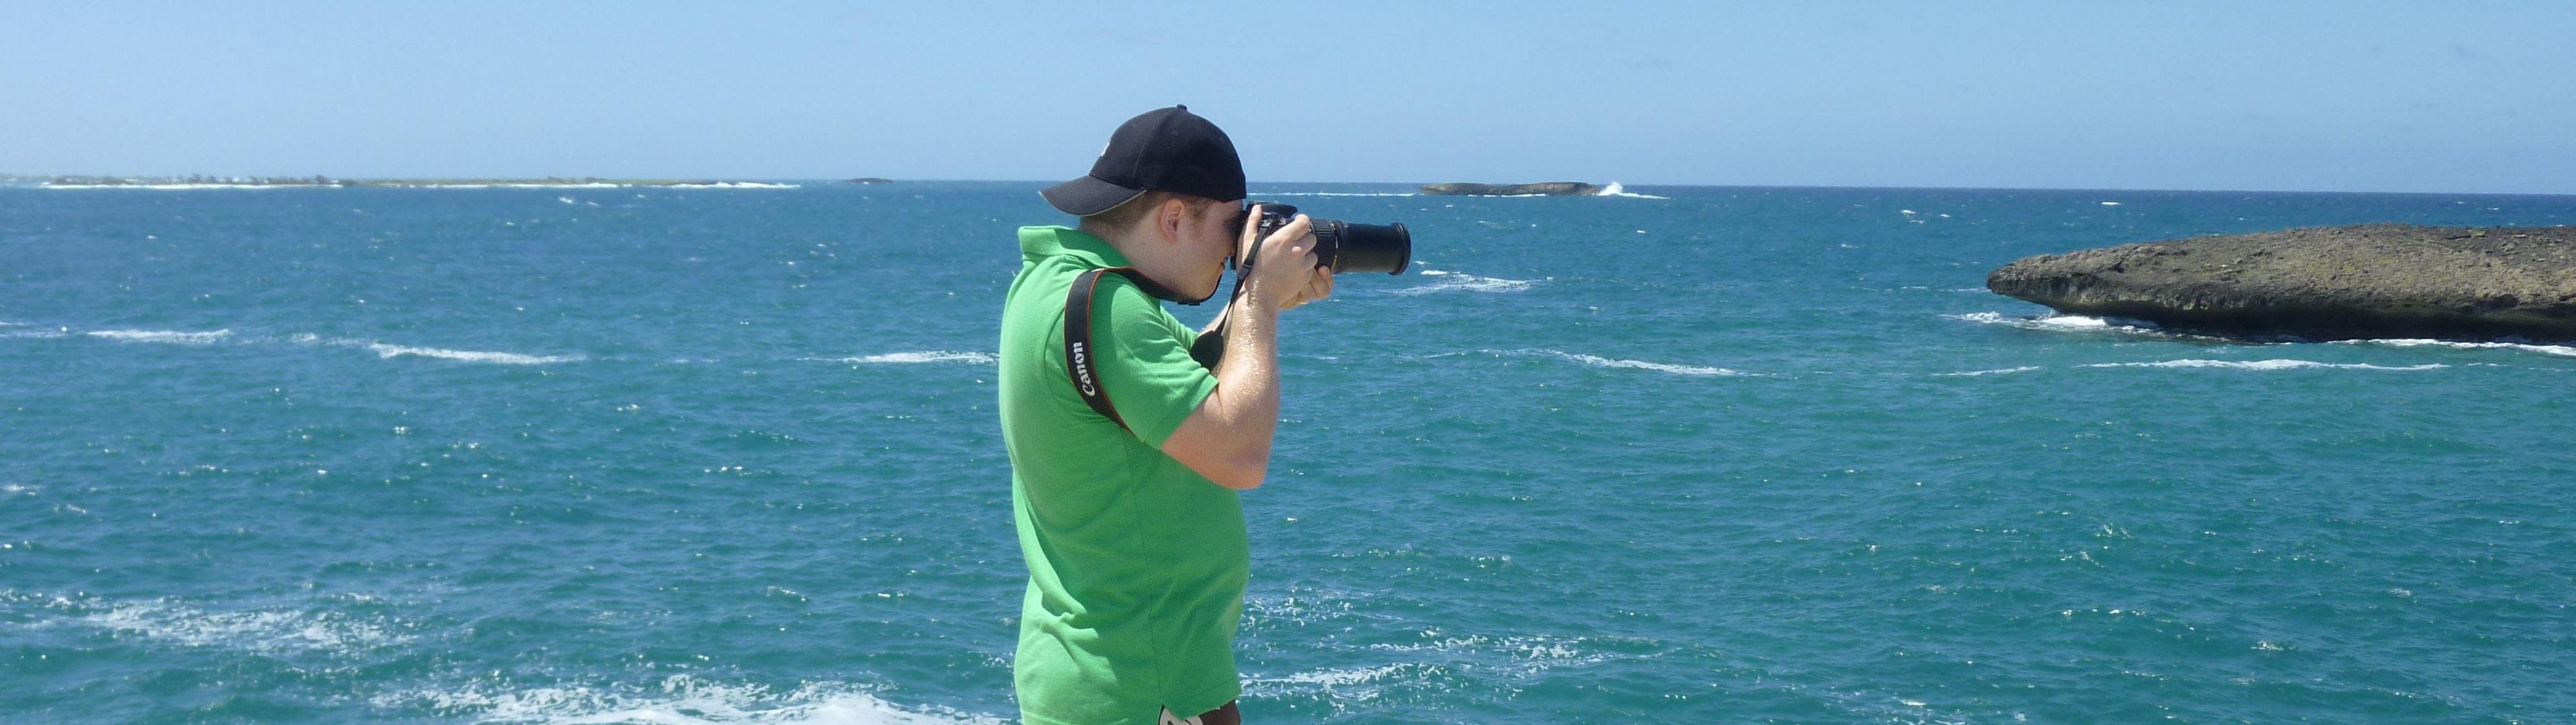 Shooting in Hawaii